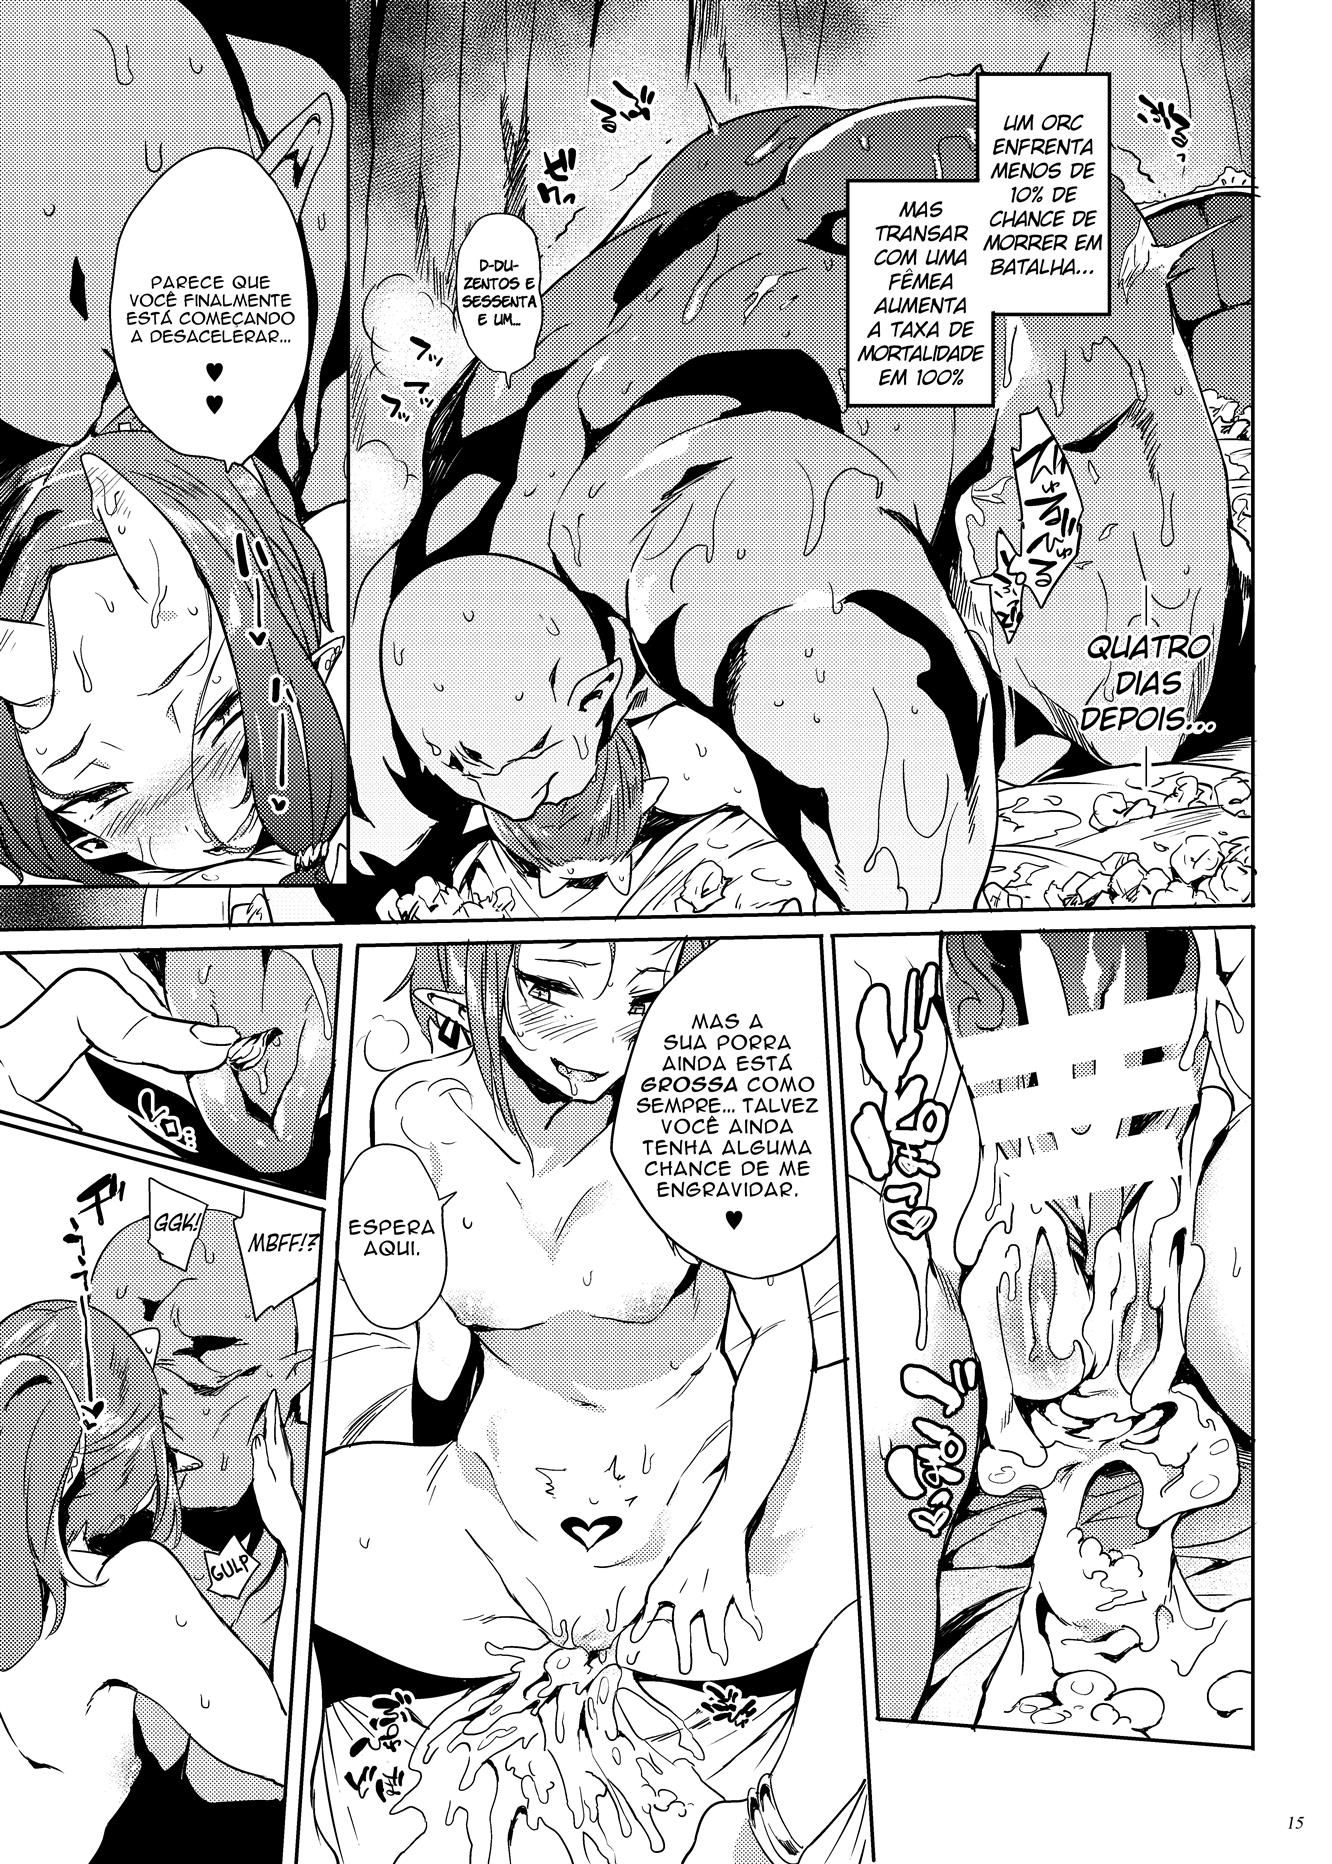 Os ovólus da princesa orc são extremamente fortes